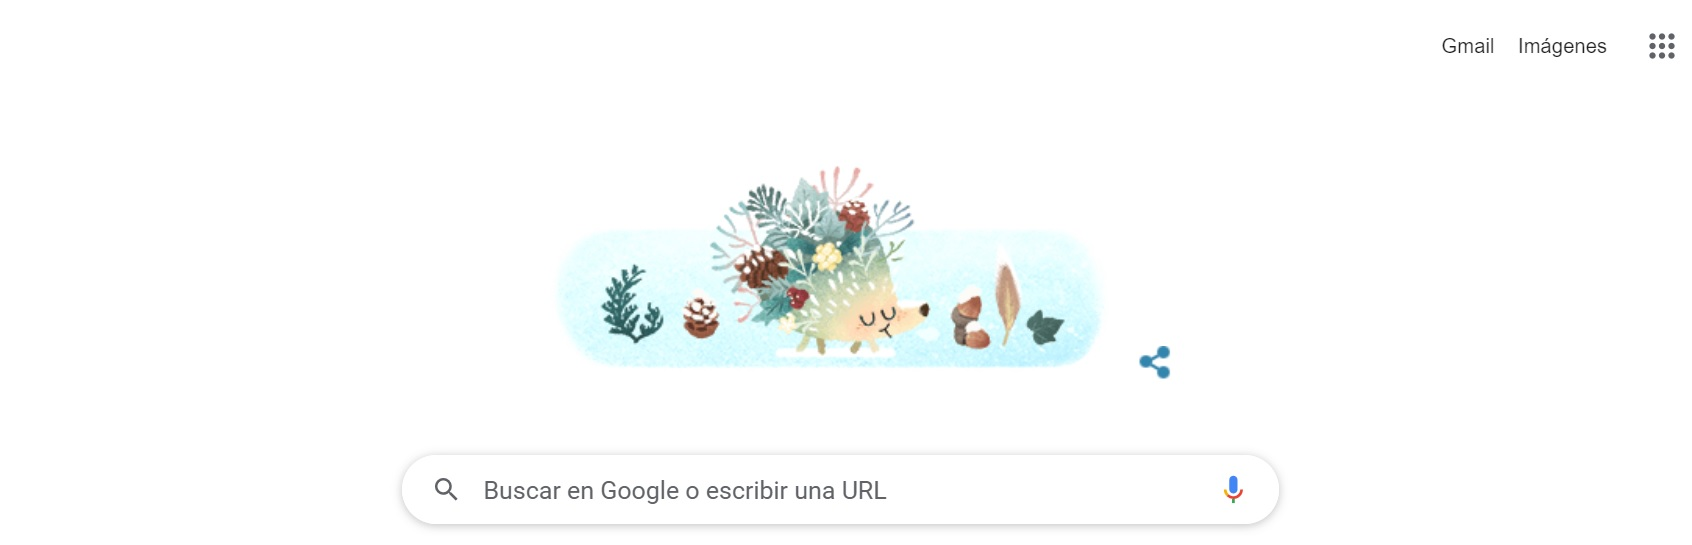 Así es el doodle con el cual Google recuerda el inicio del invierno en el hemisferio sur